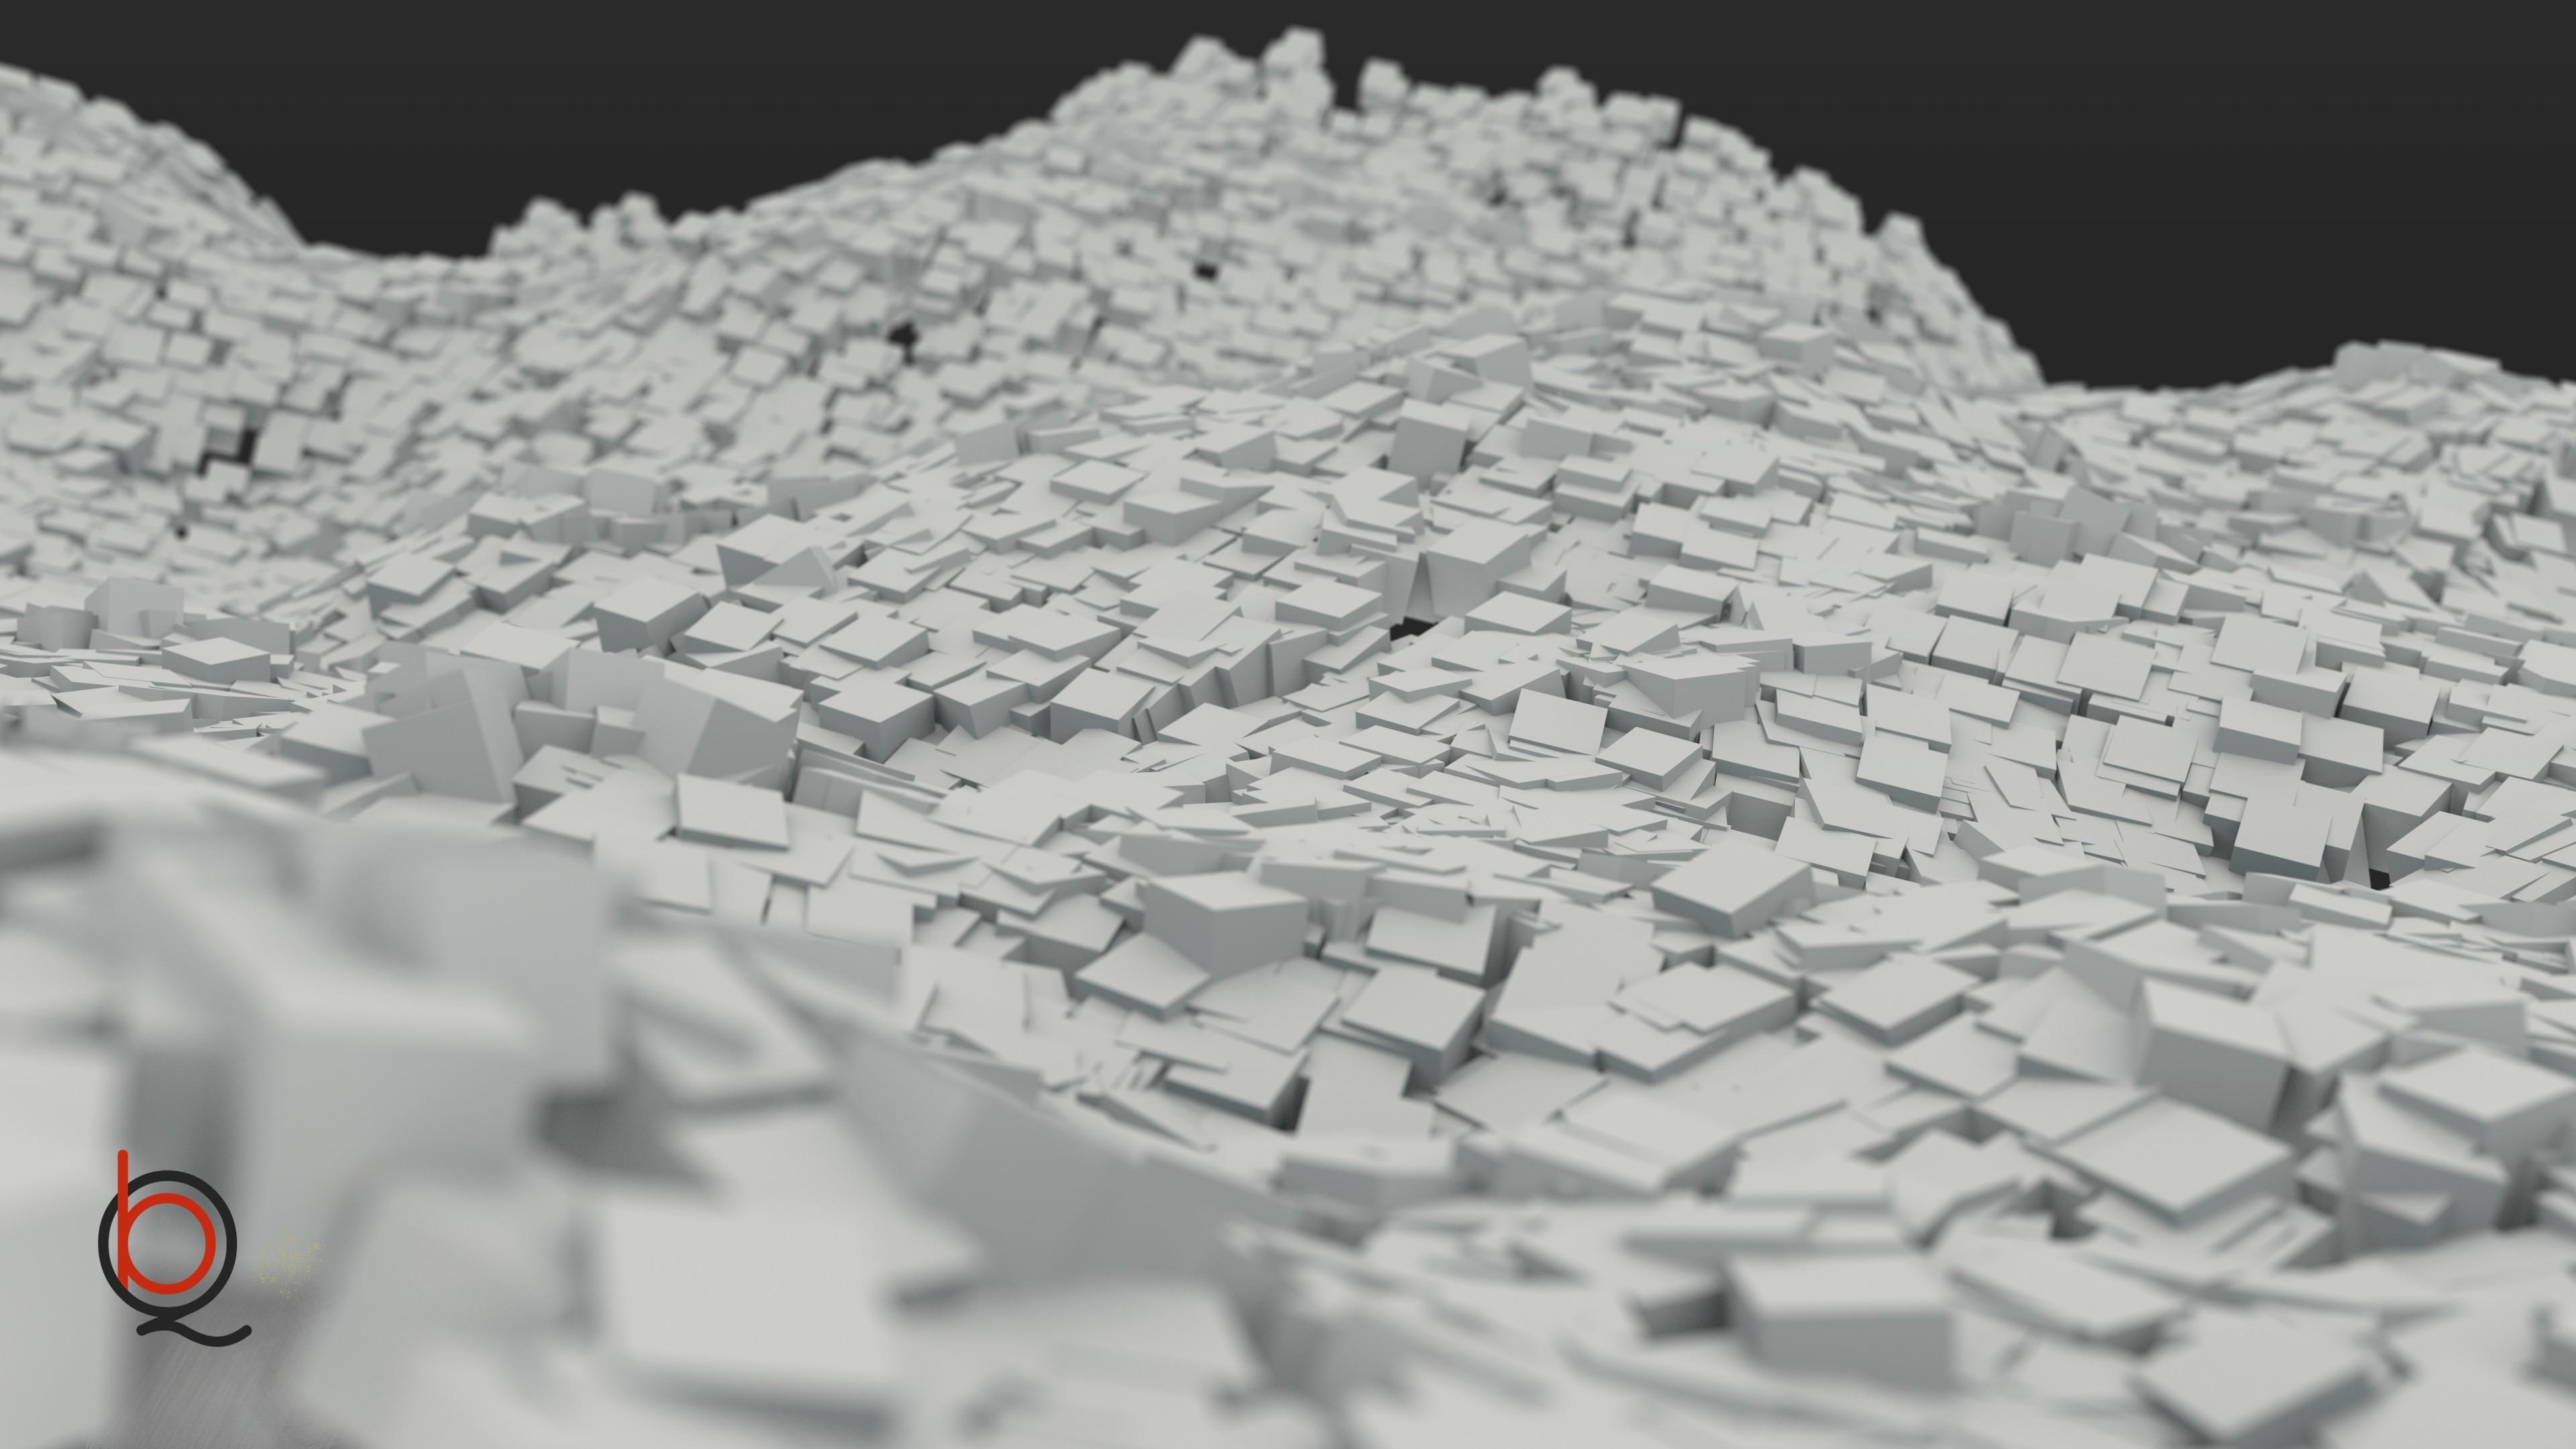 デスクトップ壁紙 お絵かき モノクロ 抽象 ミニマリズム 立方体